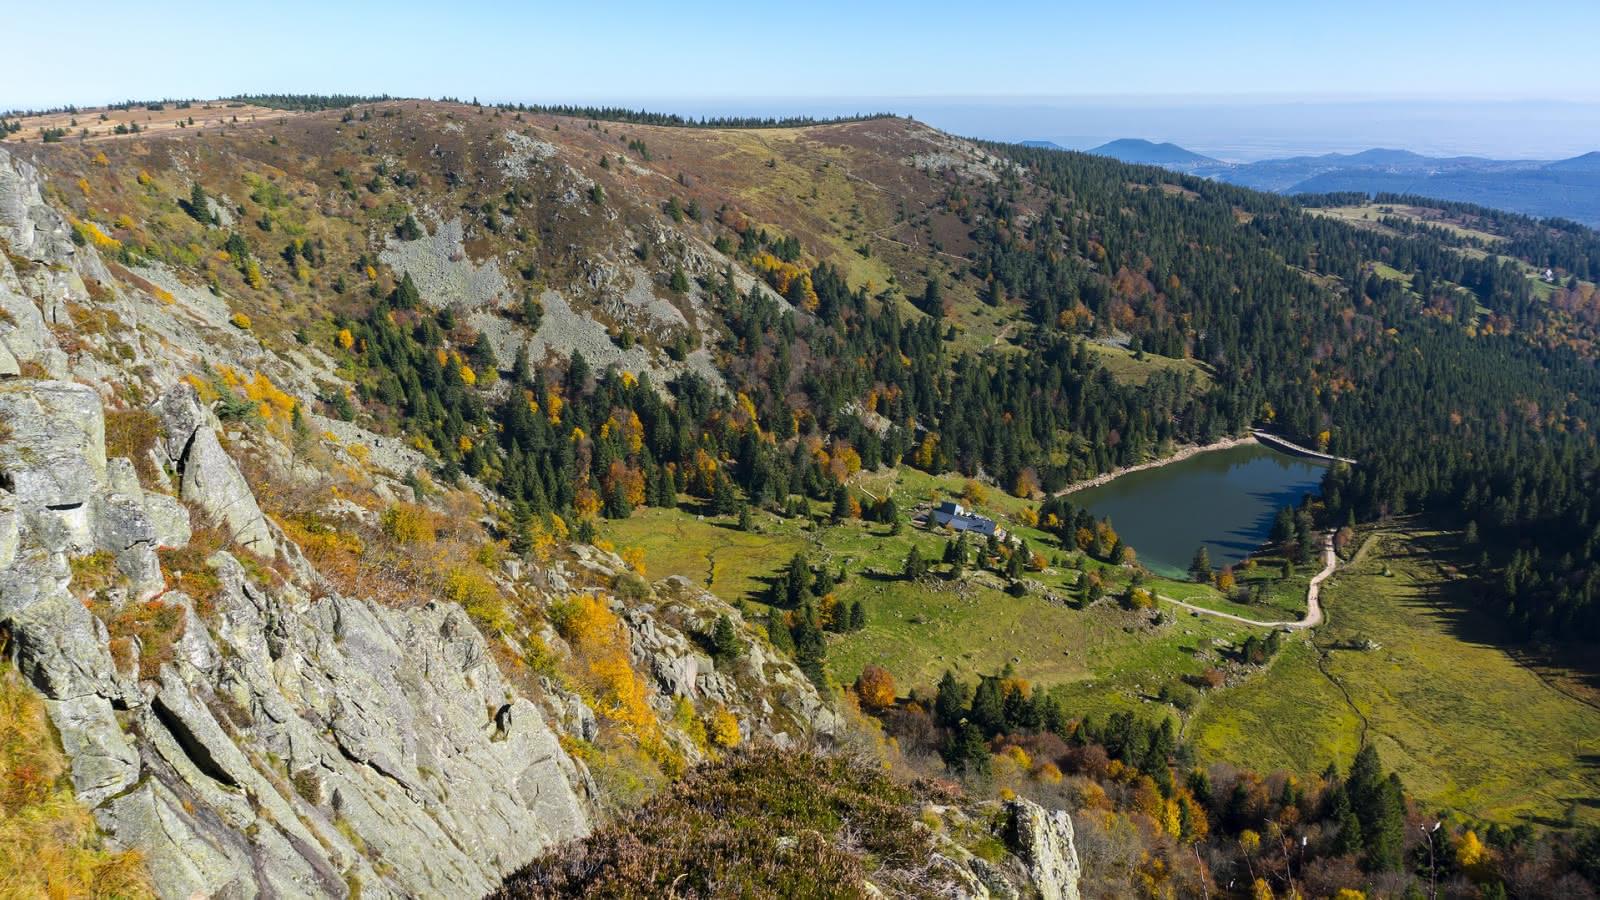 260000343 randonnee en etoile dans la vallee de munster 2 1600x900 1 - Munster, Vosges, Colmar